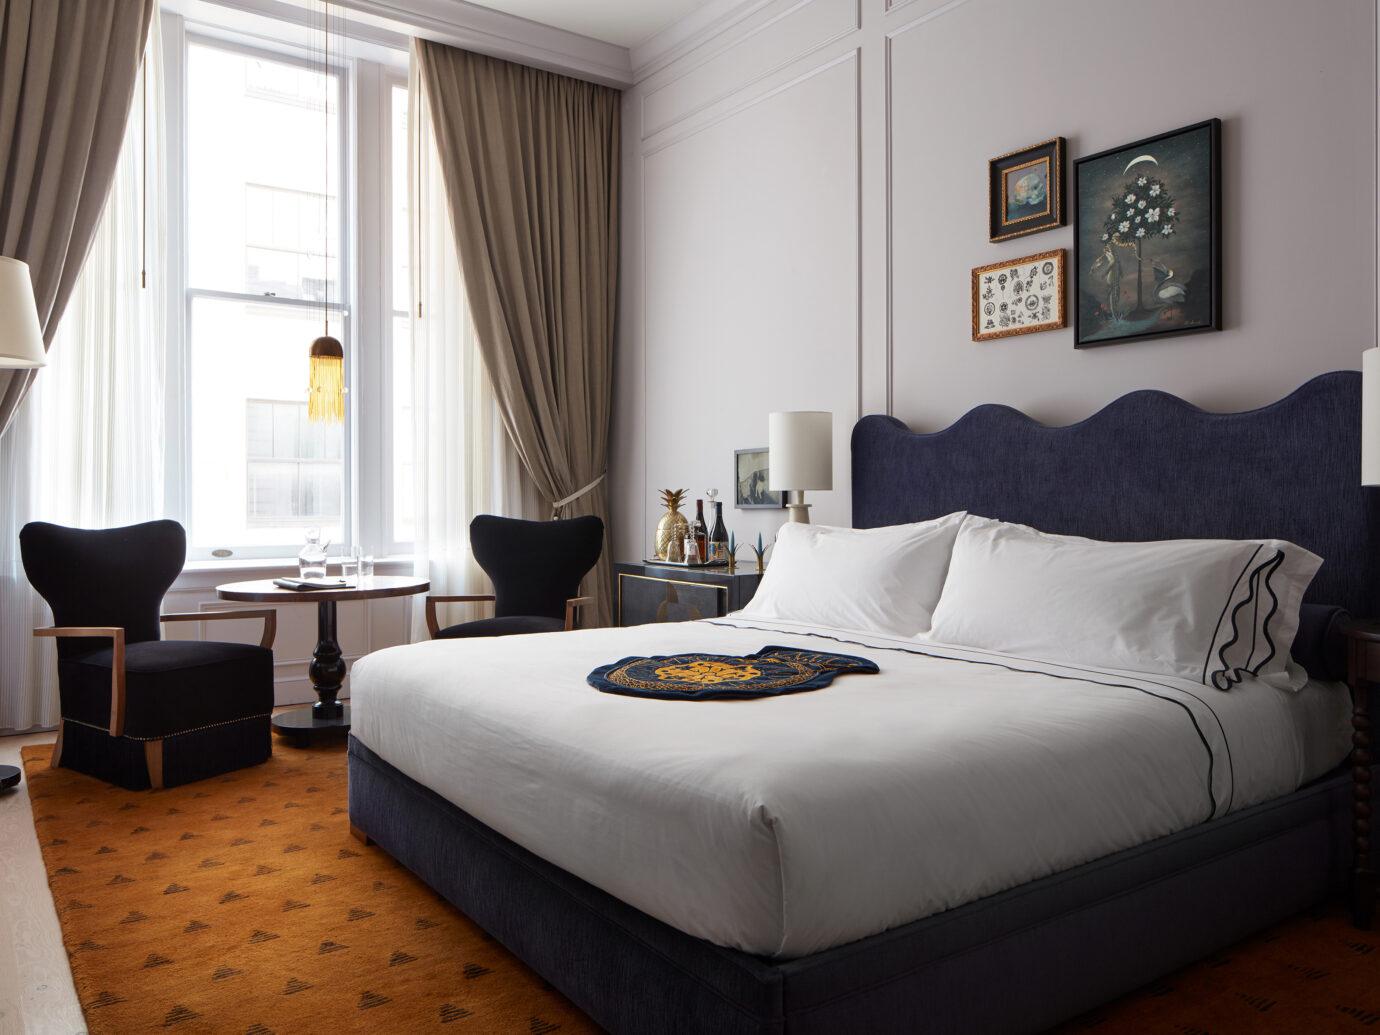 Guest room at Maison de la Luz